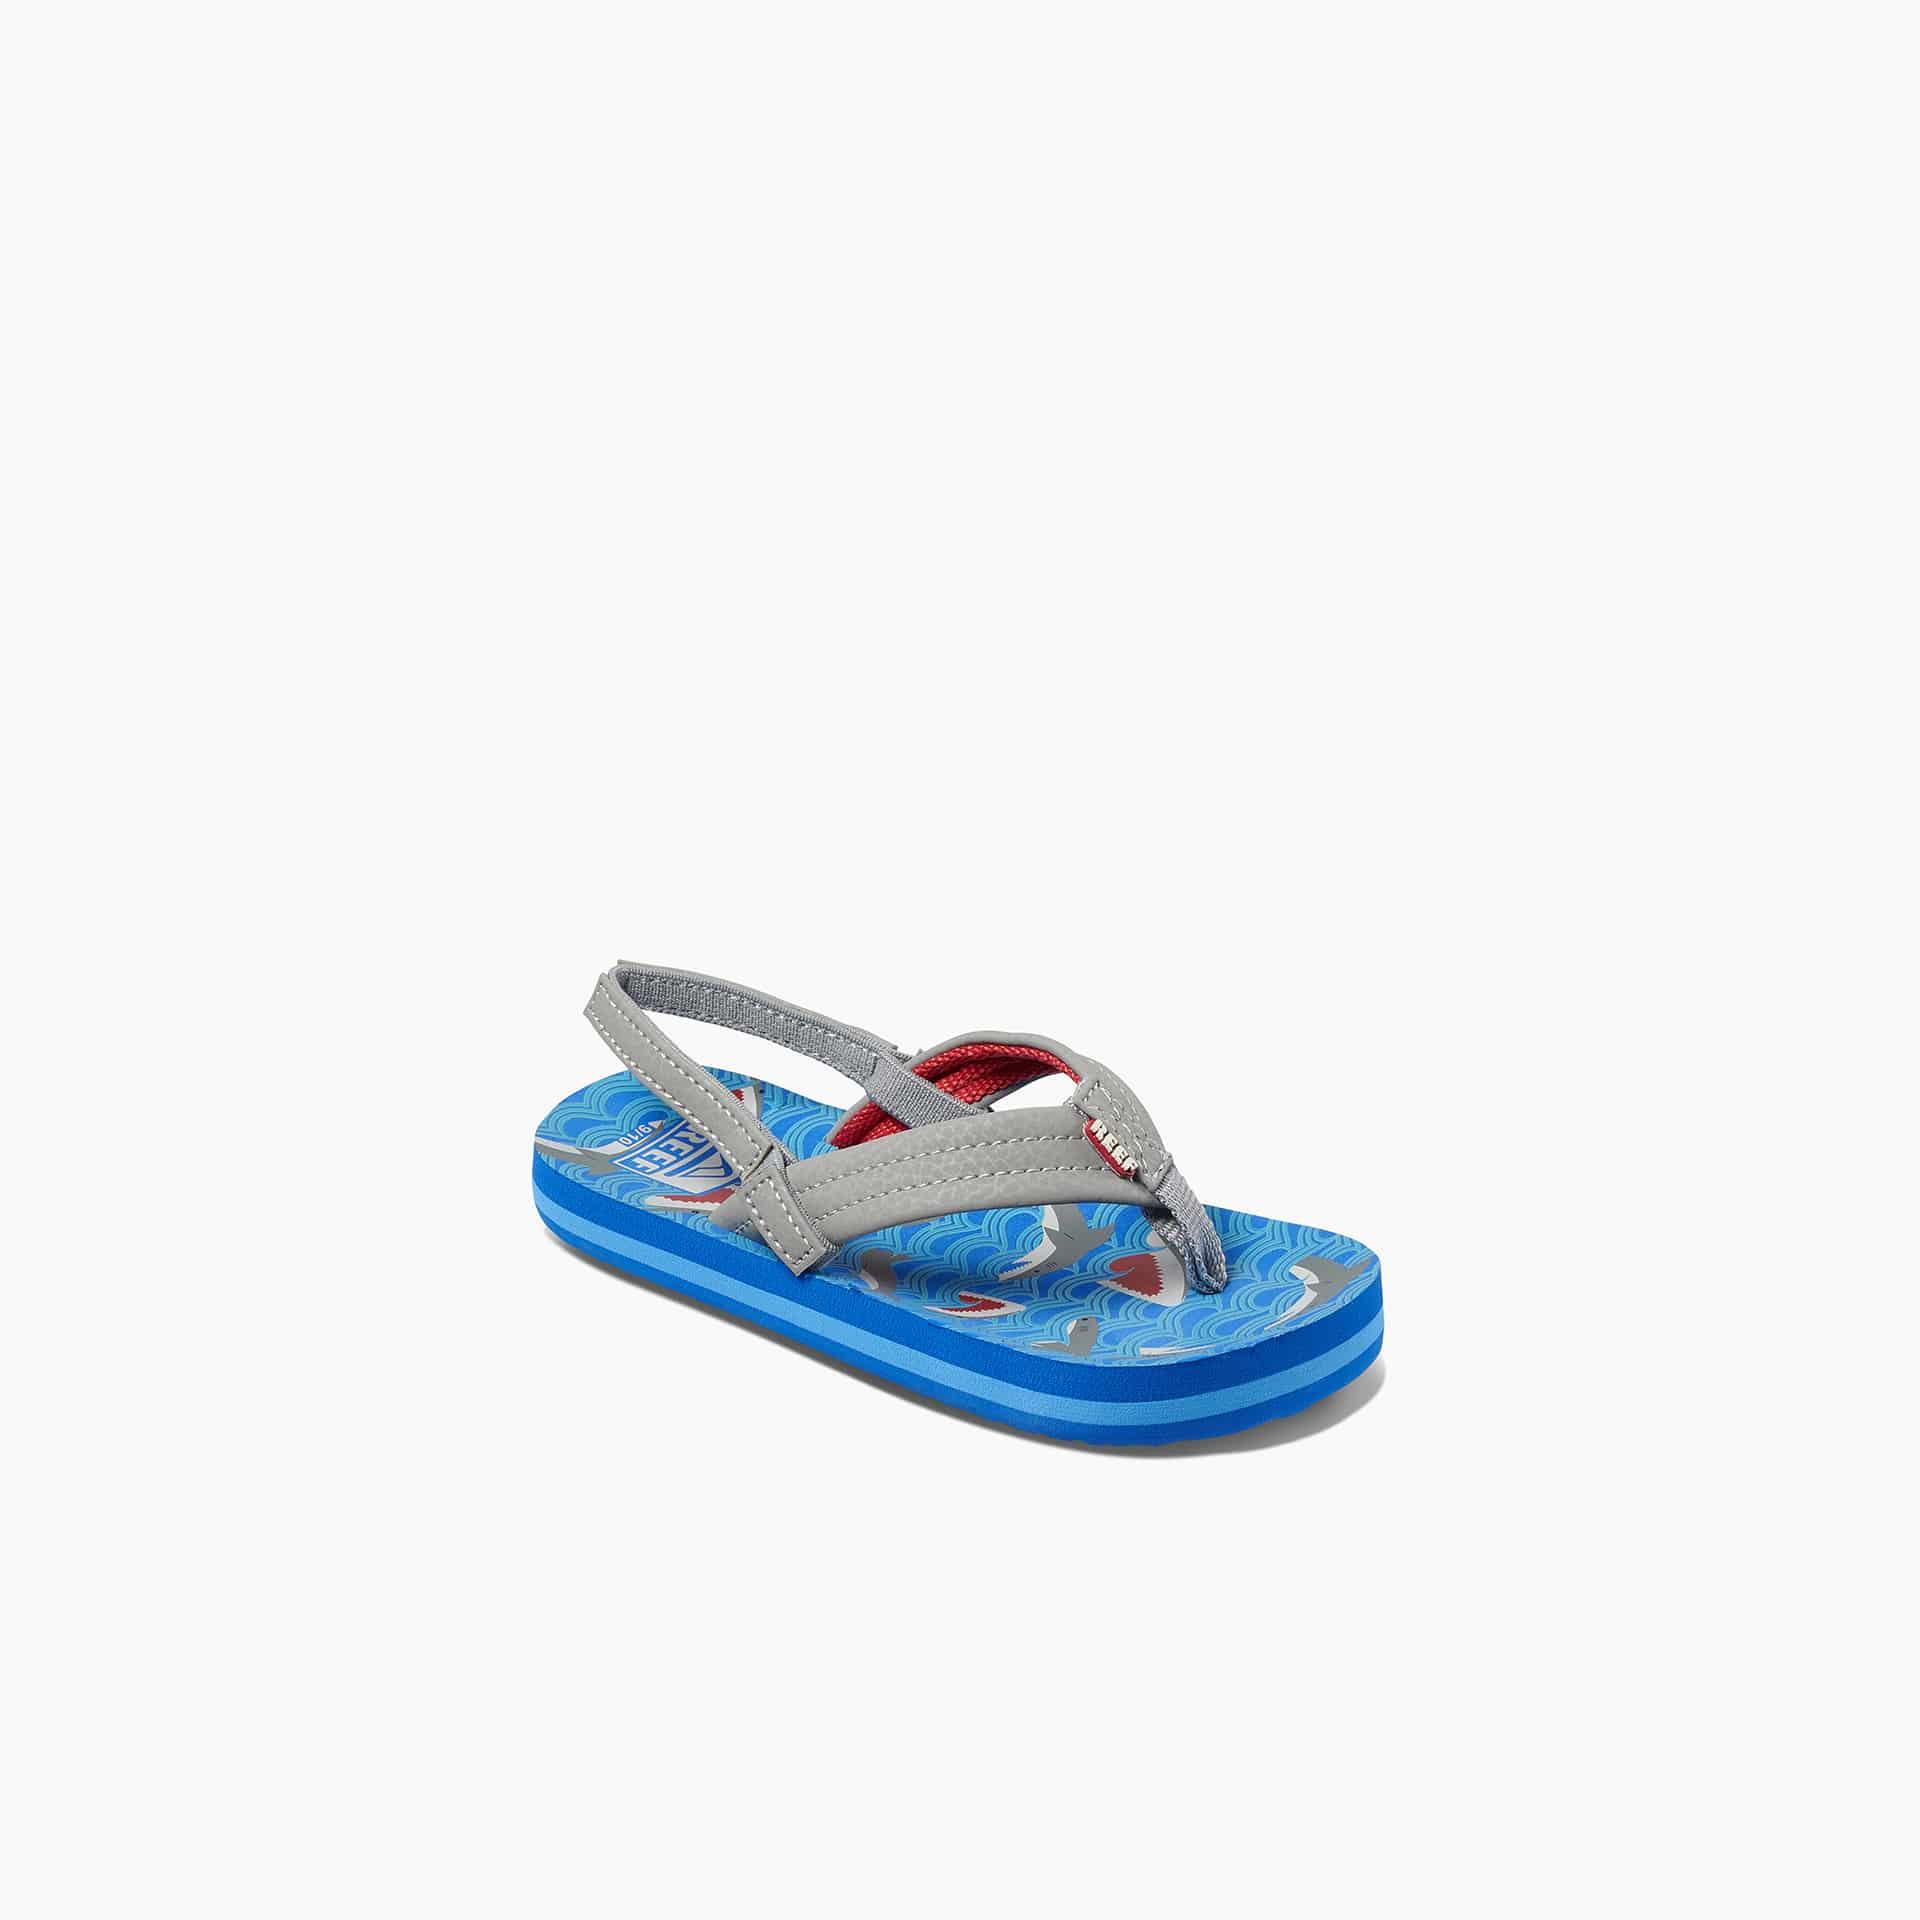 LITTLE AHI BLUE SHARK